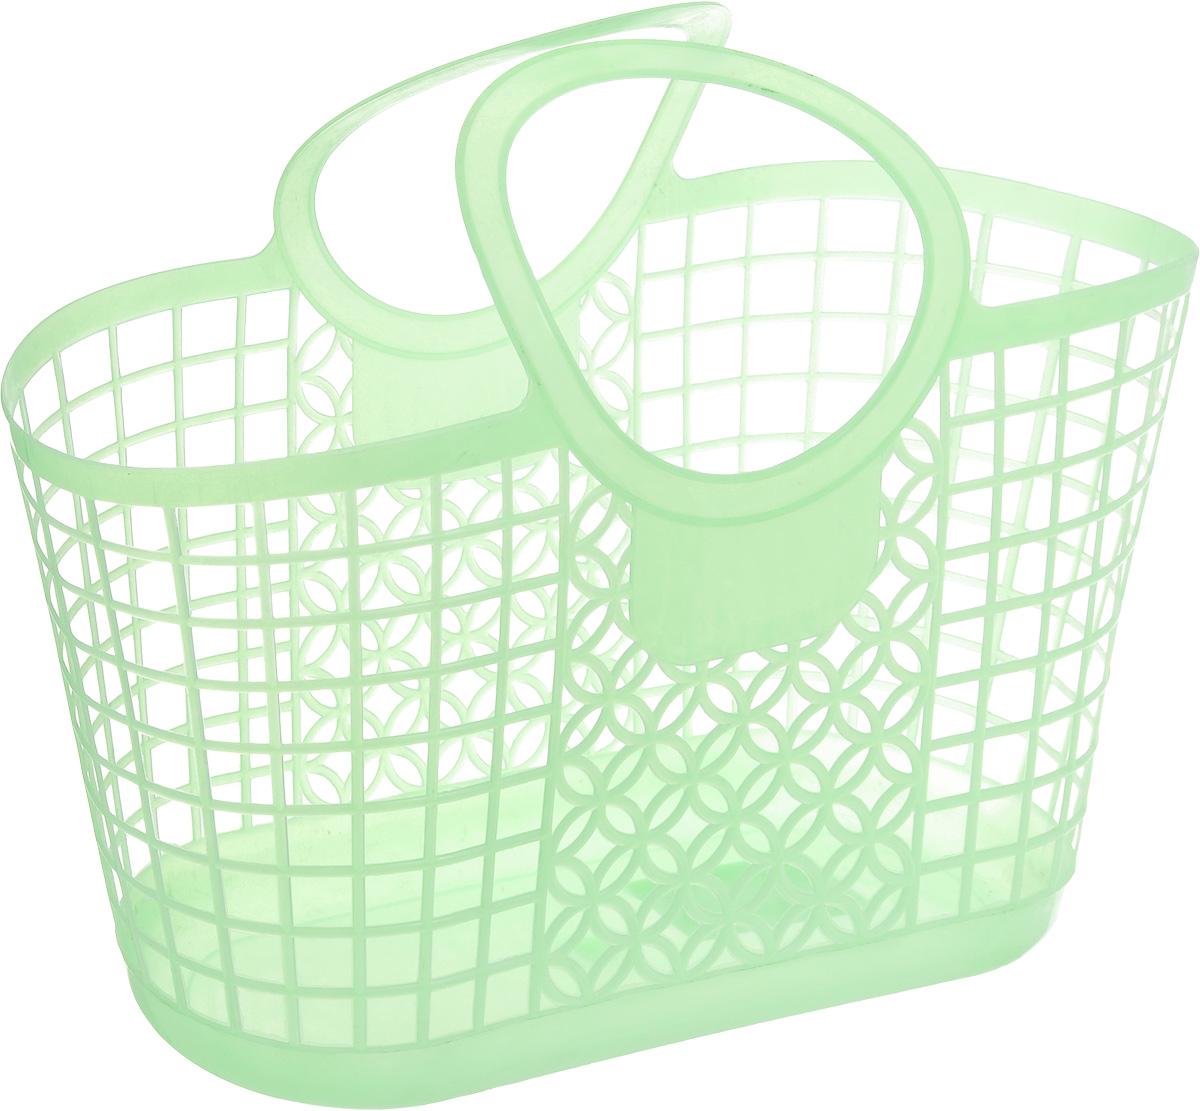 Корзина для мелочей Sima-land, цвет: зеленый, 31 х 15 х 16 см848399_зеленыйУниверсальная корзинка Sima-land подходит для хранениябытовых принадлежностей, косметики, рукоделия, предметов гигиены идругих мелочей. Поможет правильно организовать пространство в доме исэкономить место. Имеет удобные ручки для переноски.Размер корзины (с учетом ручек): 31 см х 15 см х 16 см.